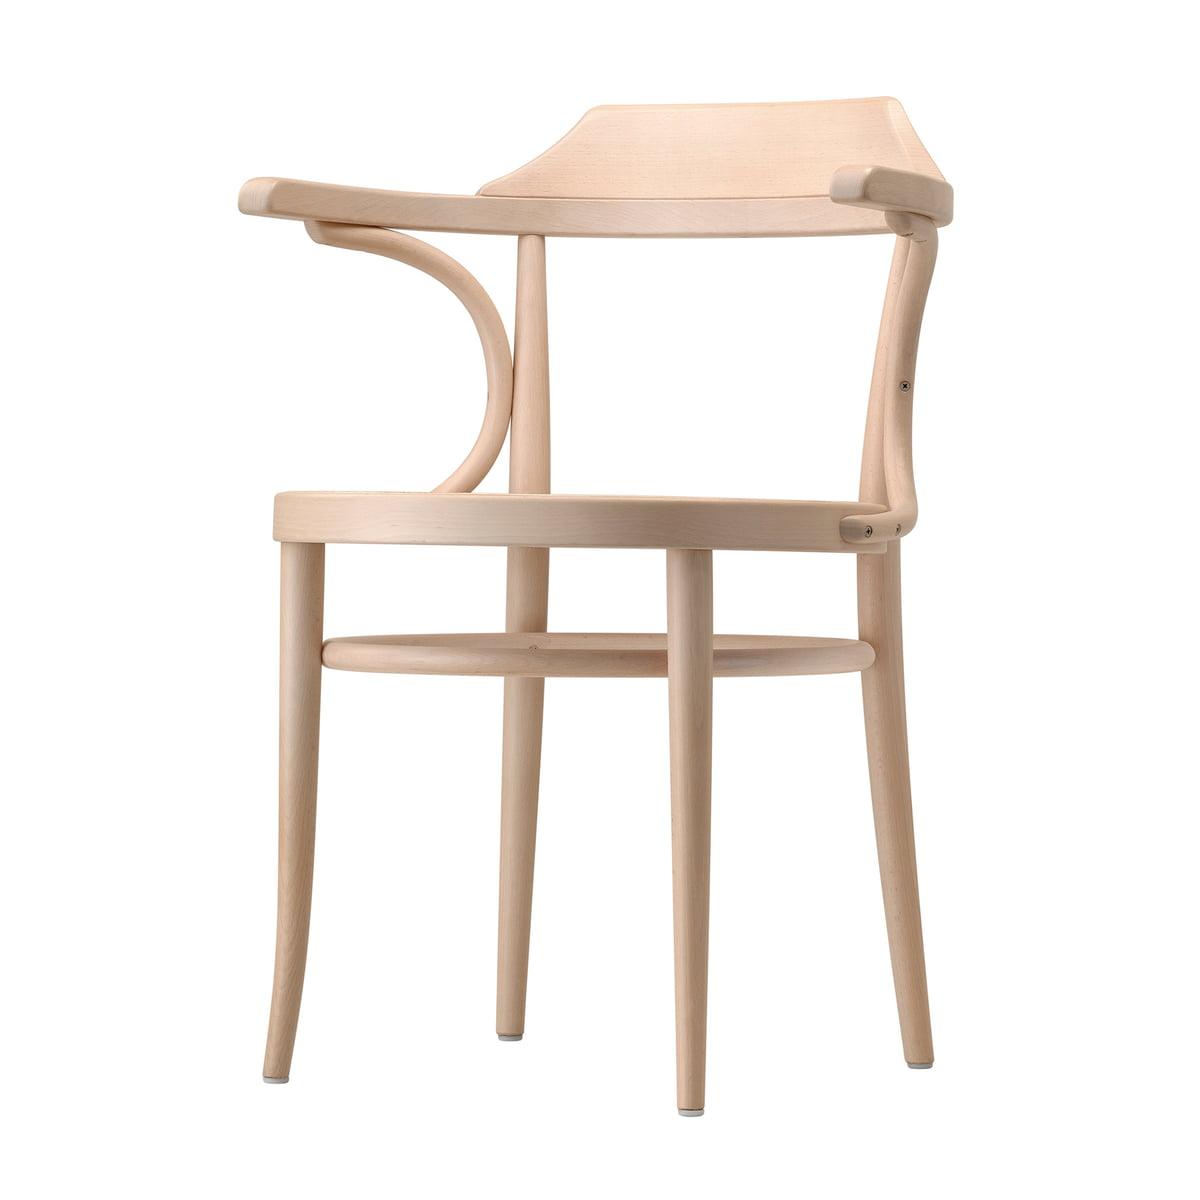 Thonet - 233 Bugholzstuhl, Rohrgeflecht mit Kunststoffstützgewebe / Buche hell (TP 107) | Küche und Esszimmer > Stühle und Hocker > Holzstühle | Buche hell | Thonet